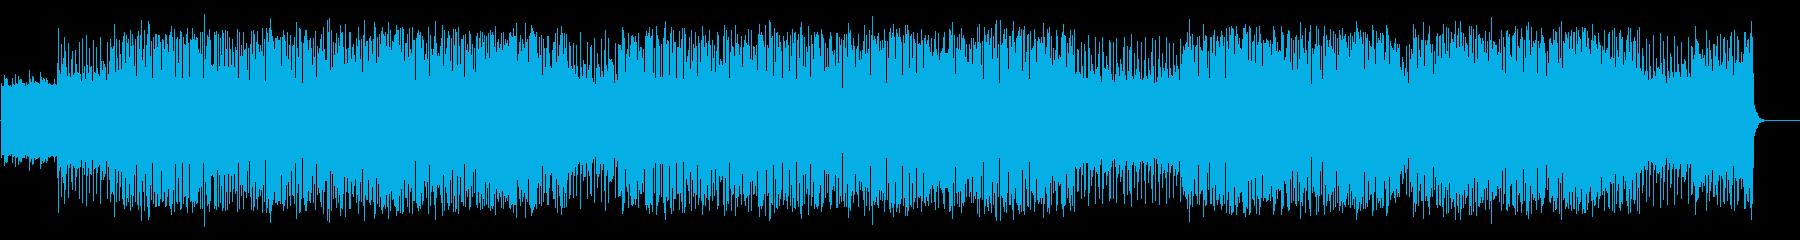 時計仕掛けが動き出す無機質なテクノの再生済みの波形